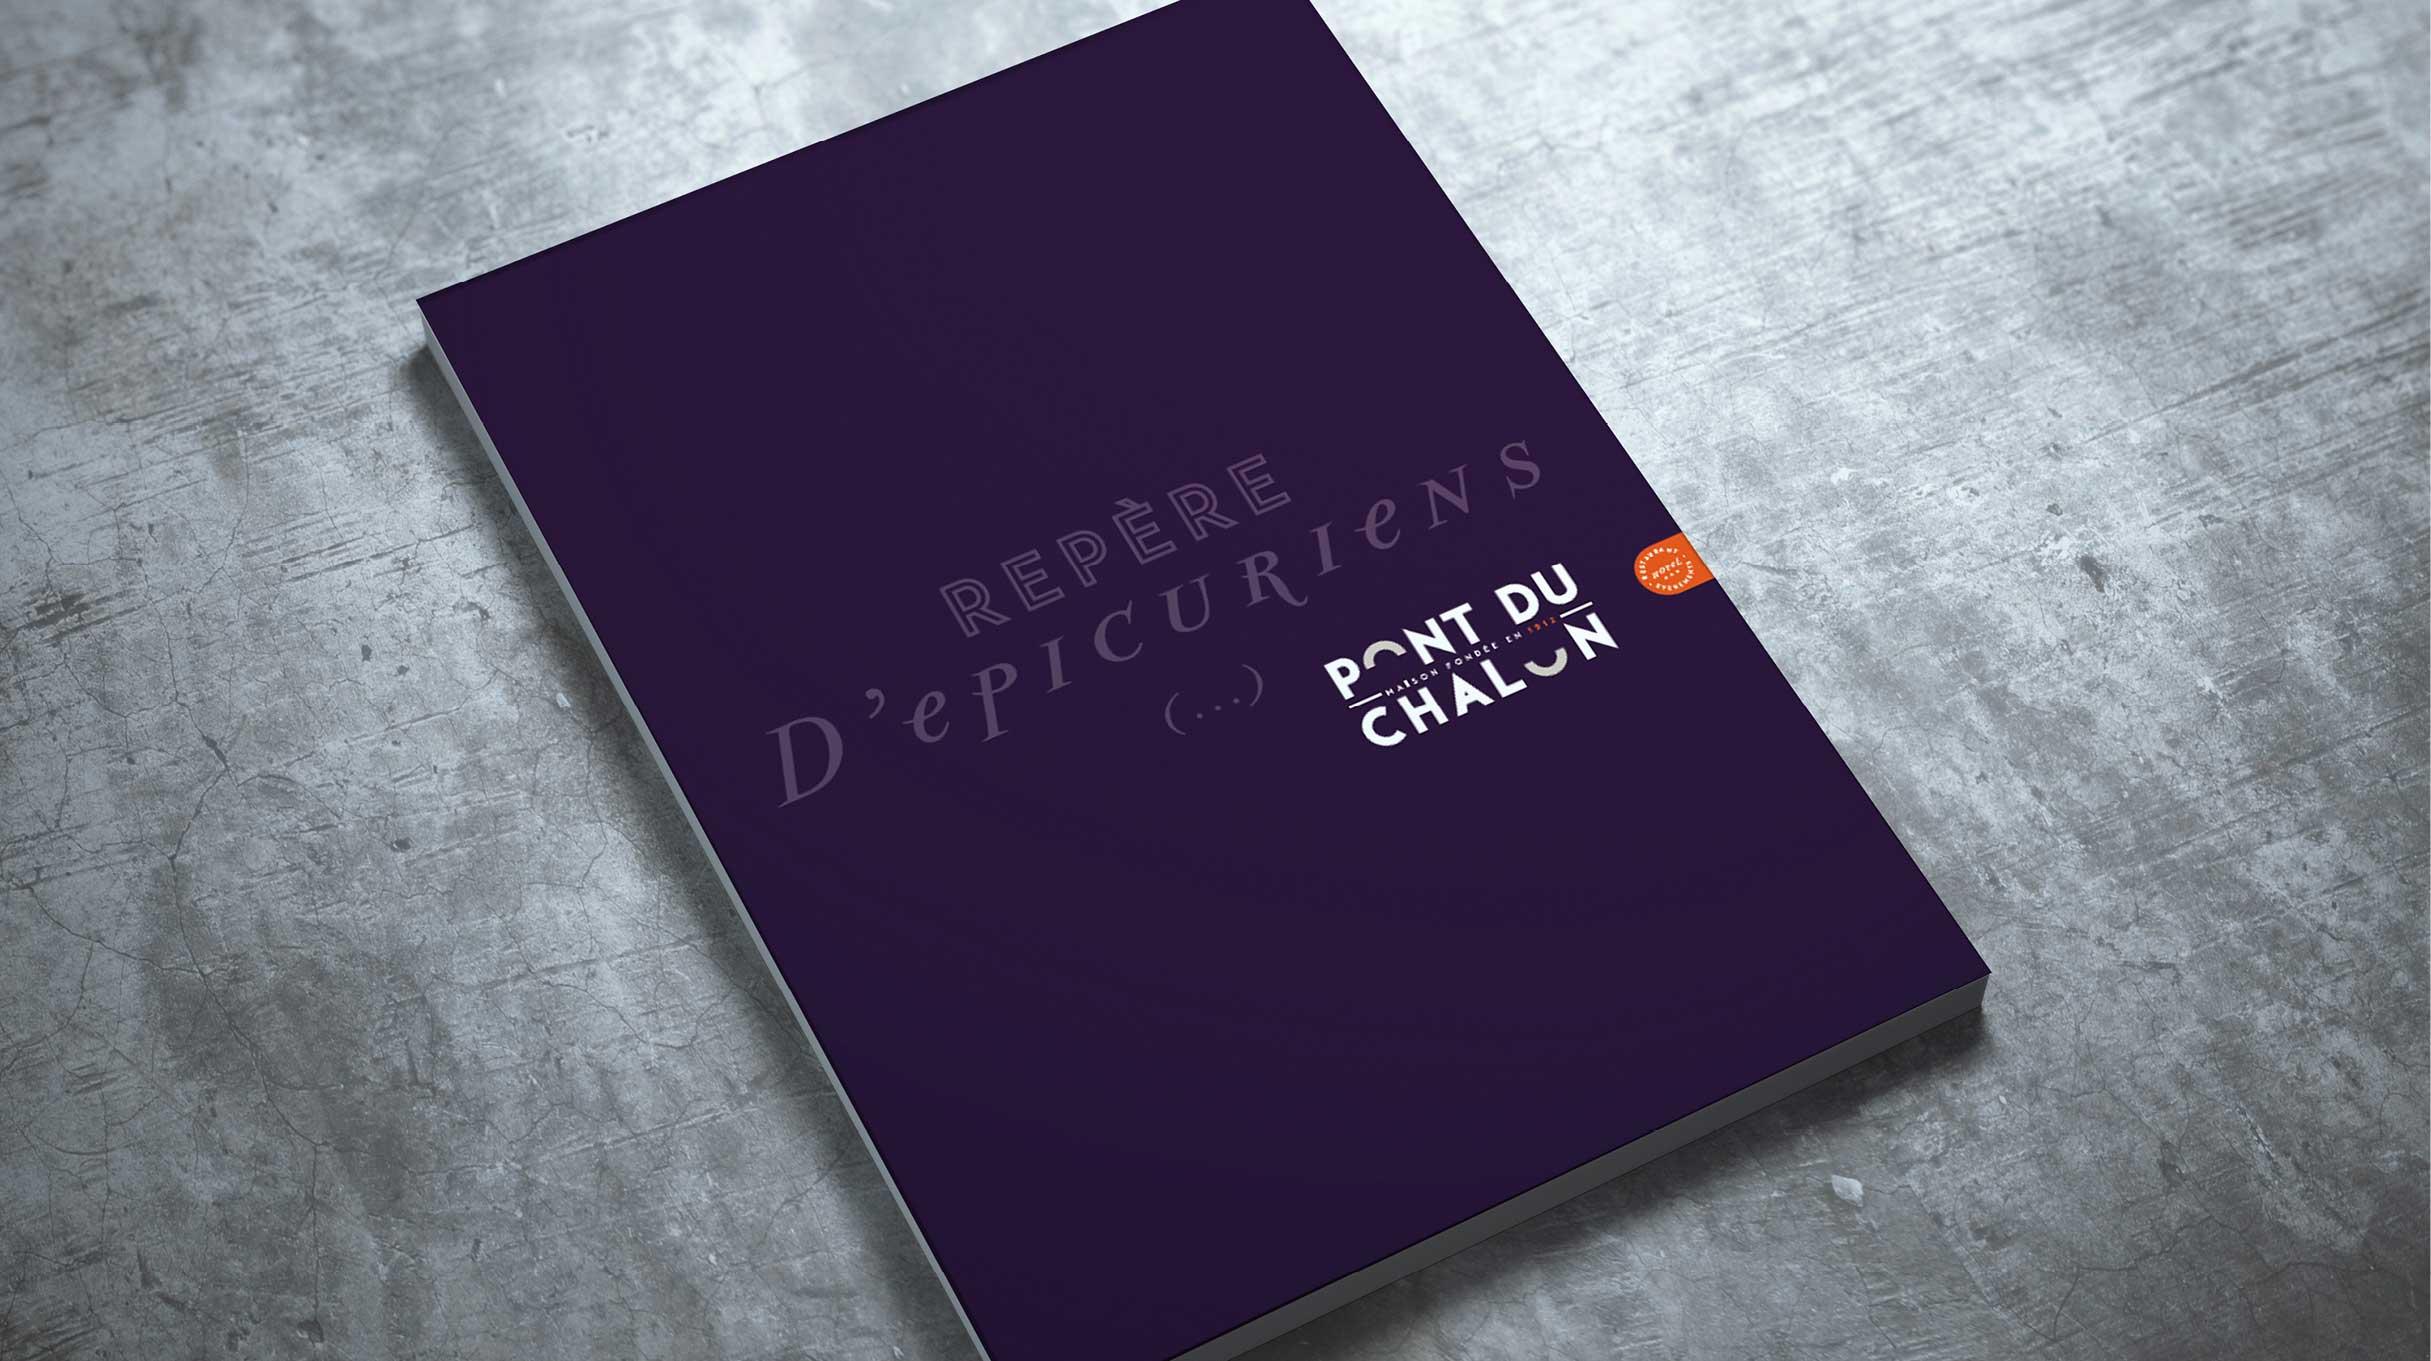 reference-pont-du-chalon-3